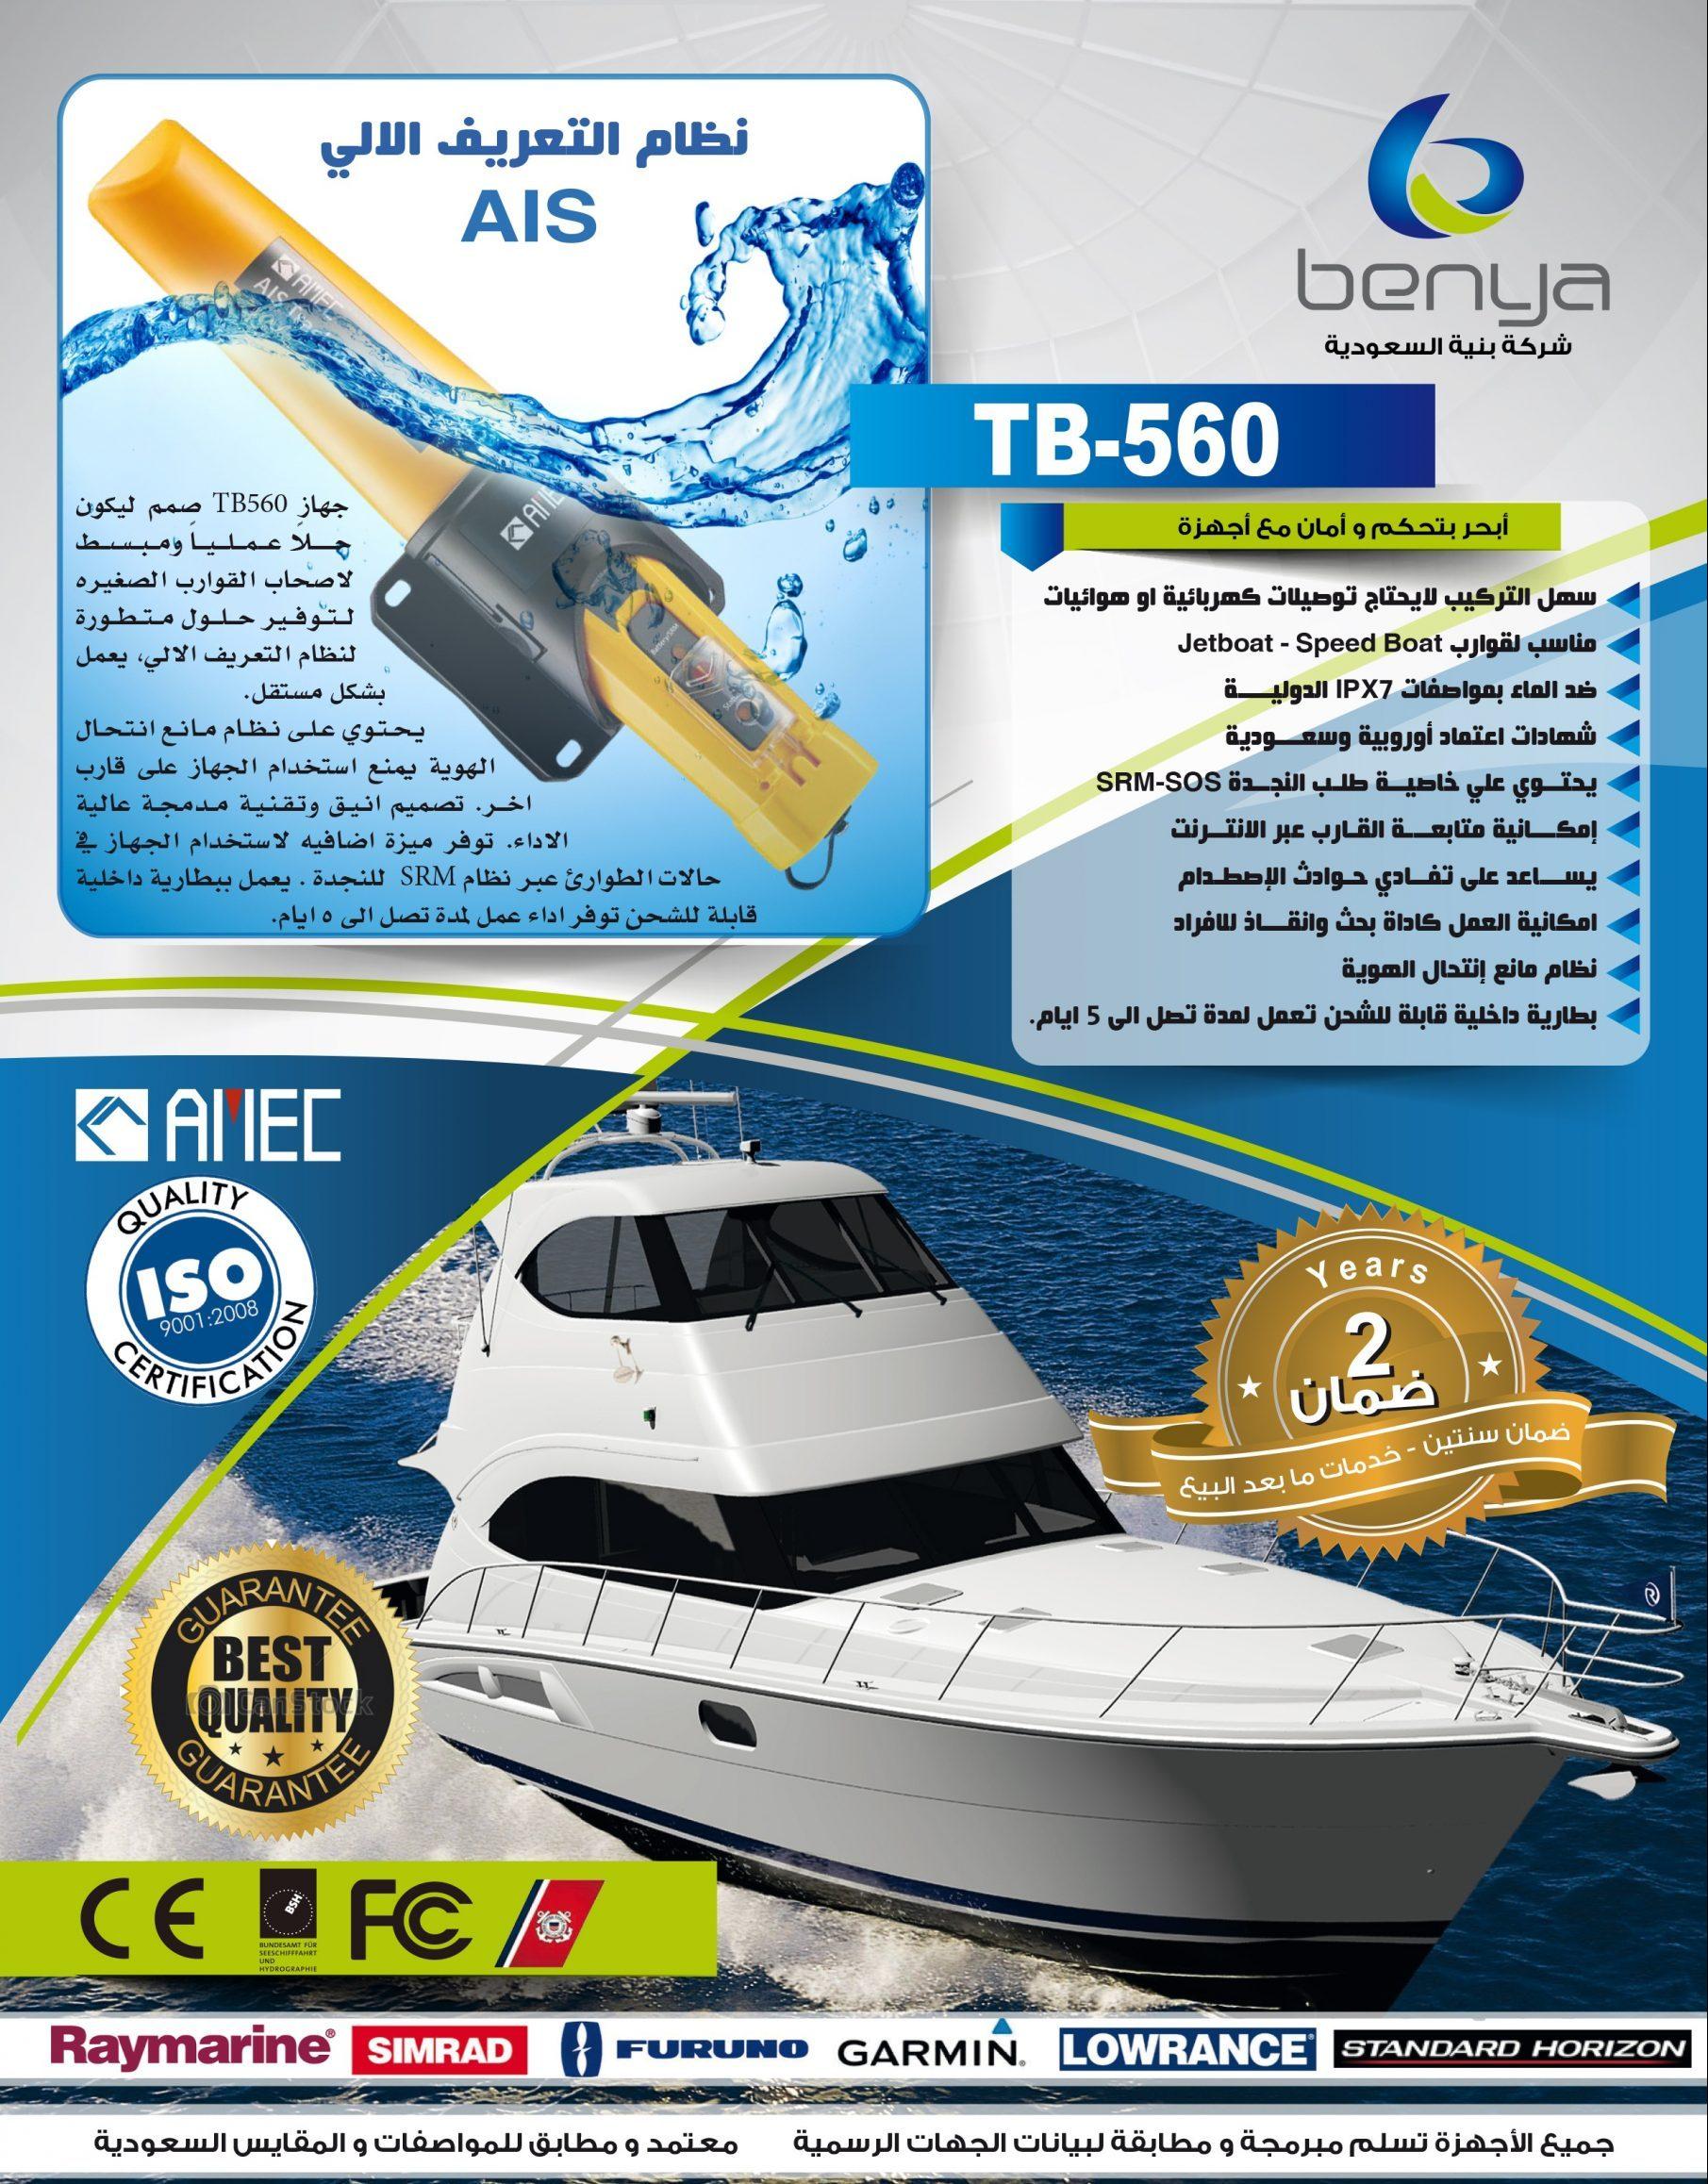 اجهزة التتبع المحمول للقوارب